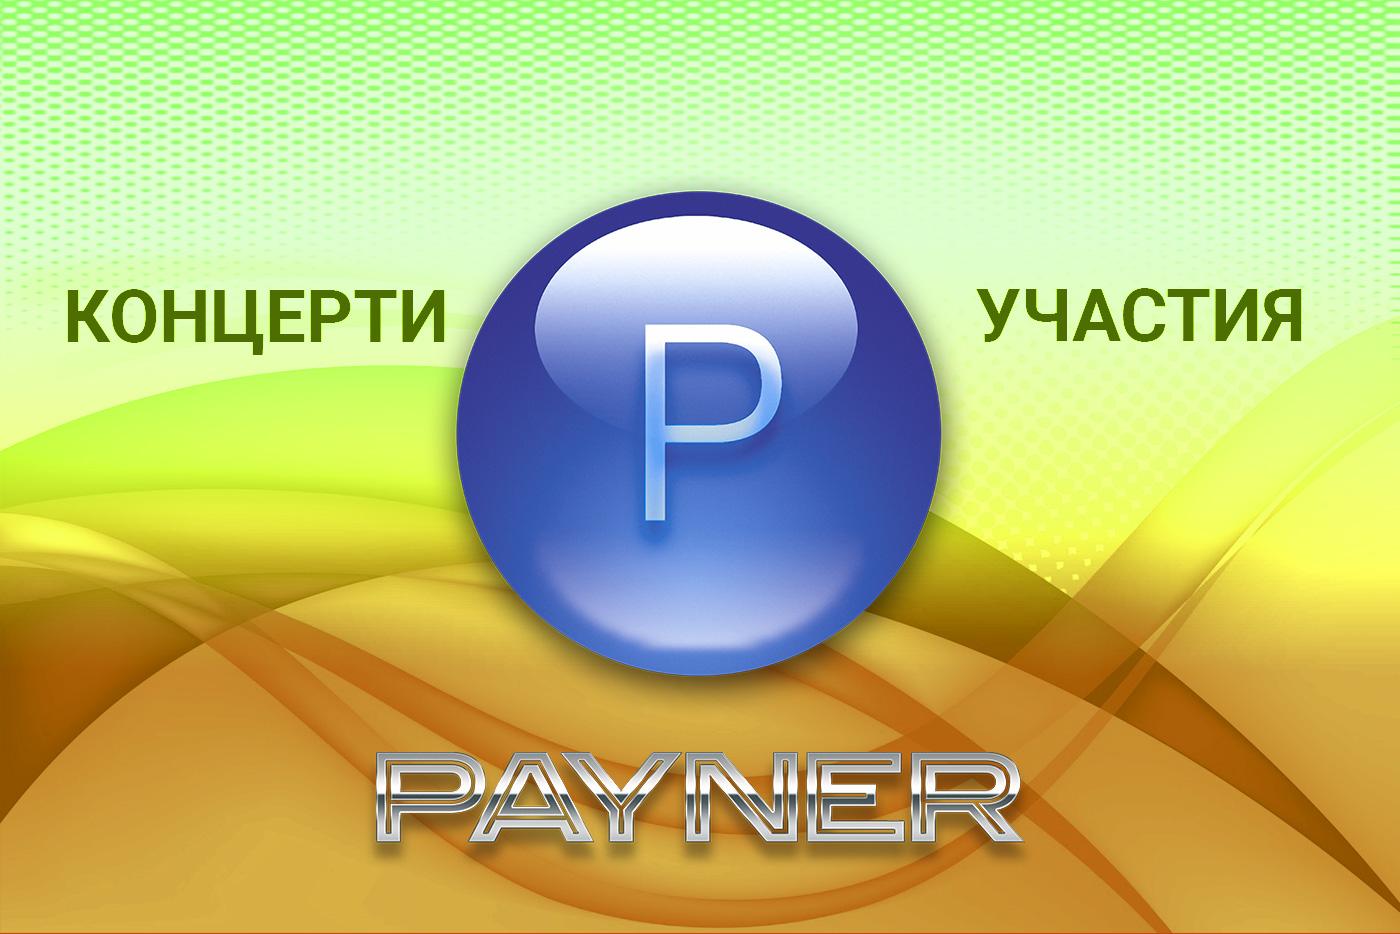 """Участия на звездите на """"Пайнер"""" на 19.01.2020"""